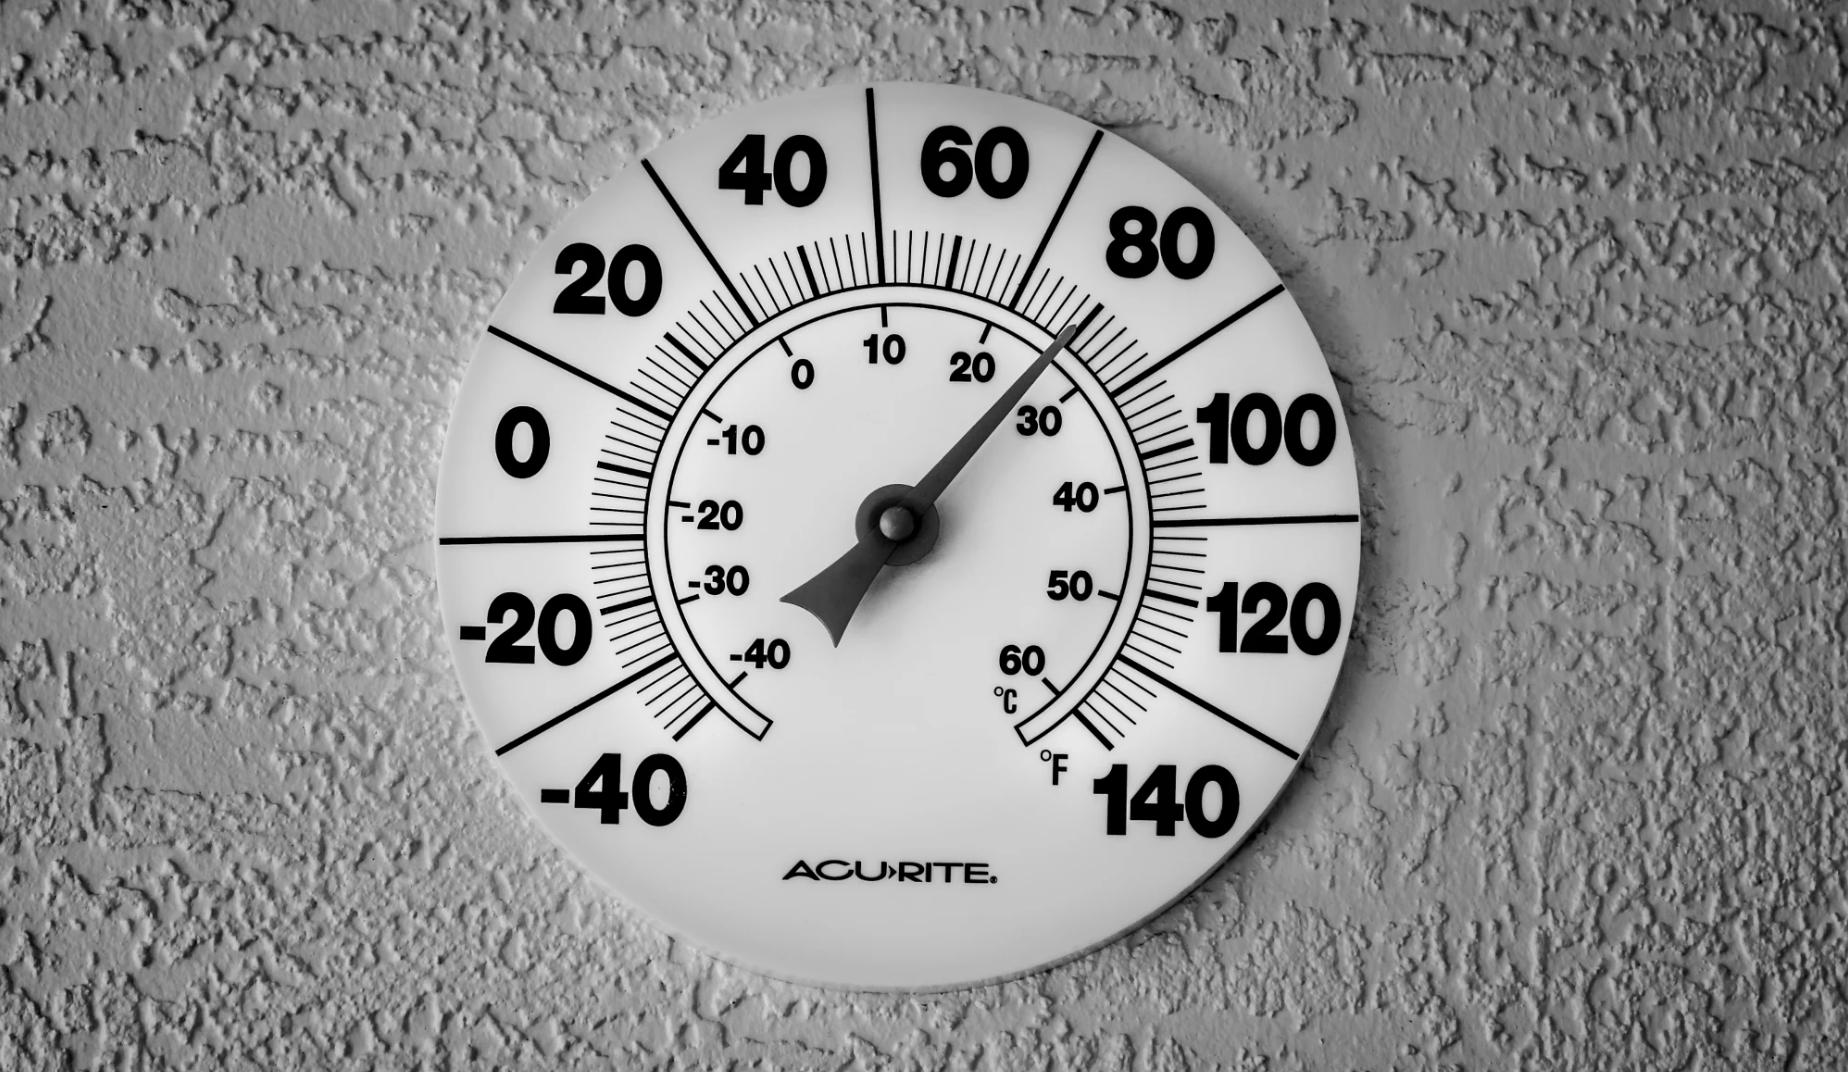 Ideal temperature for sauna